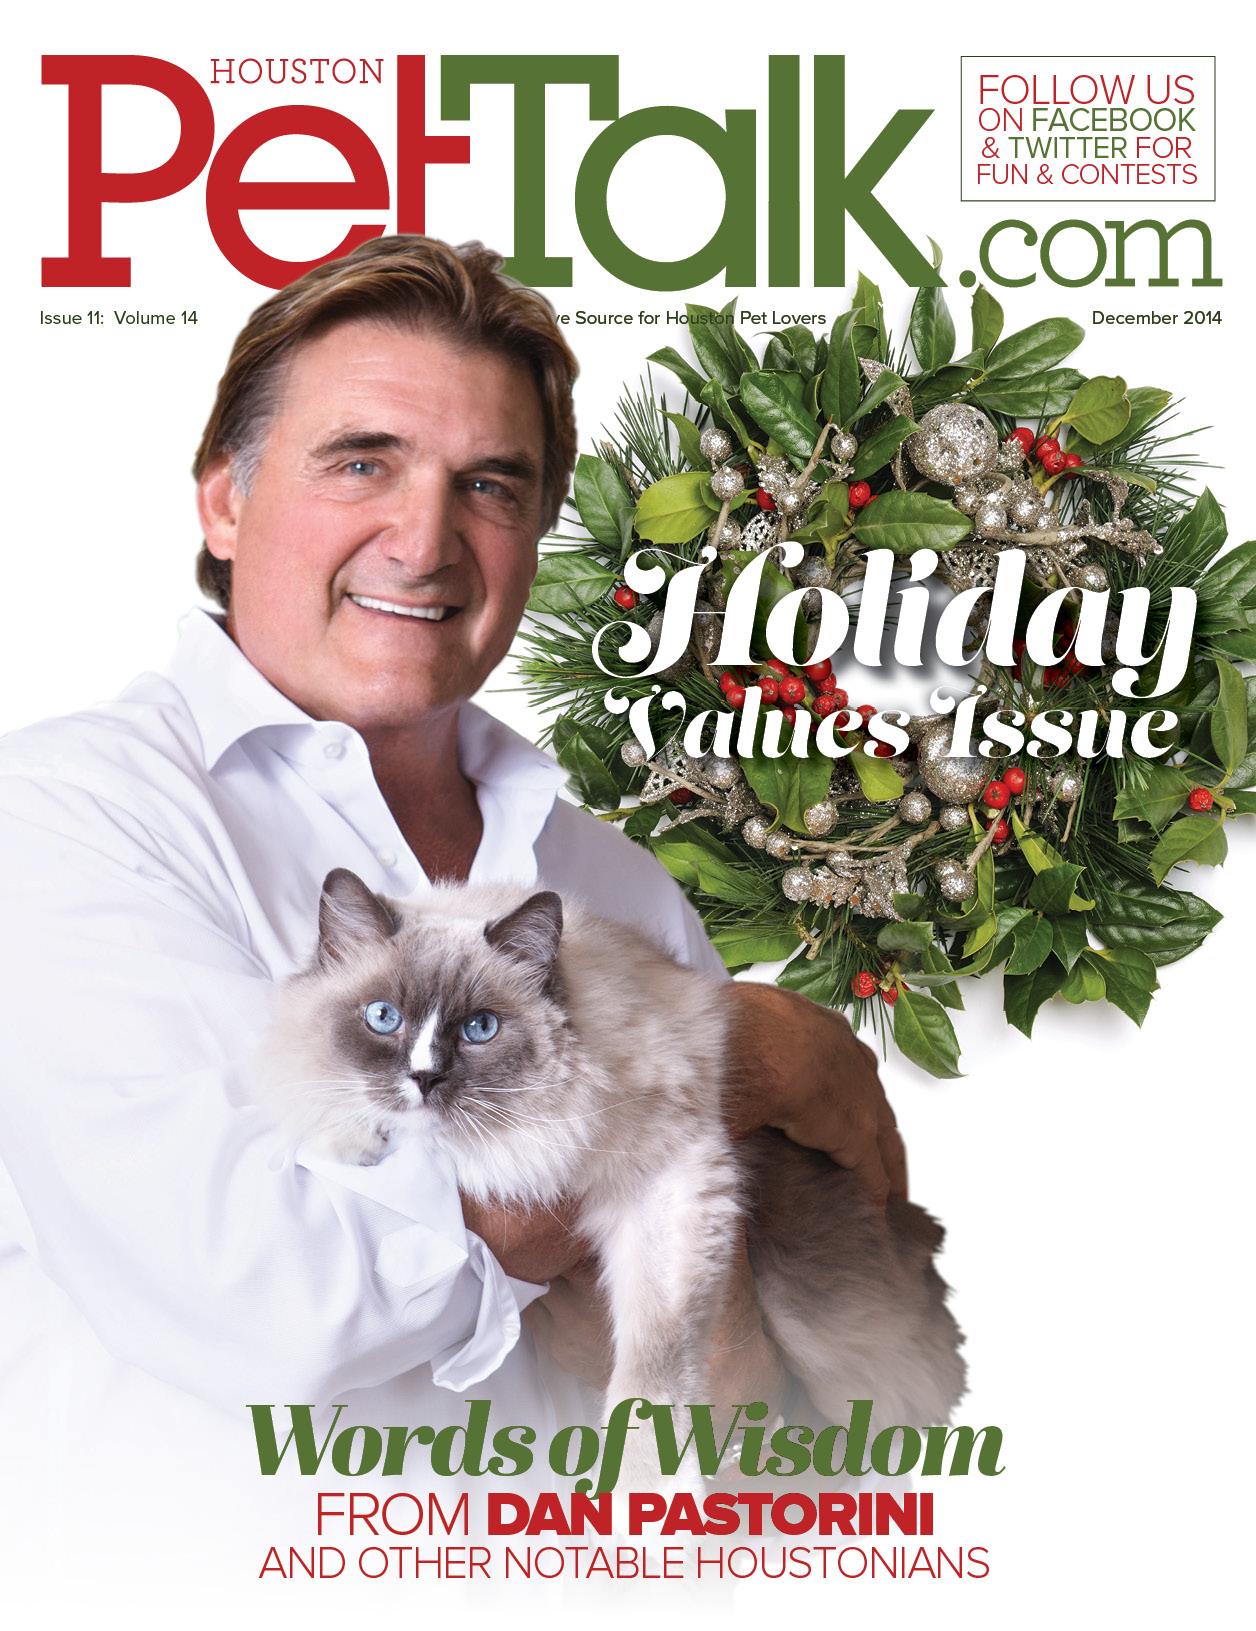 December 2014 Digital Issue of Houston PetTalk